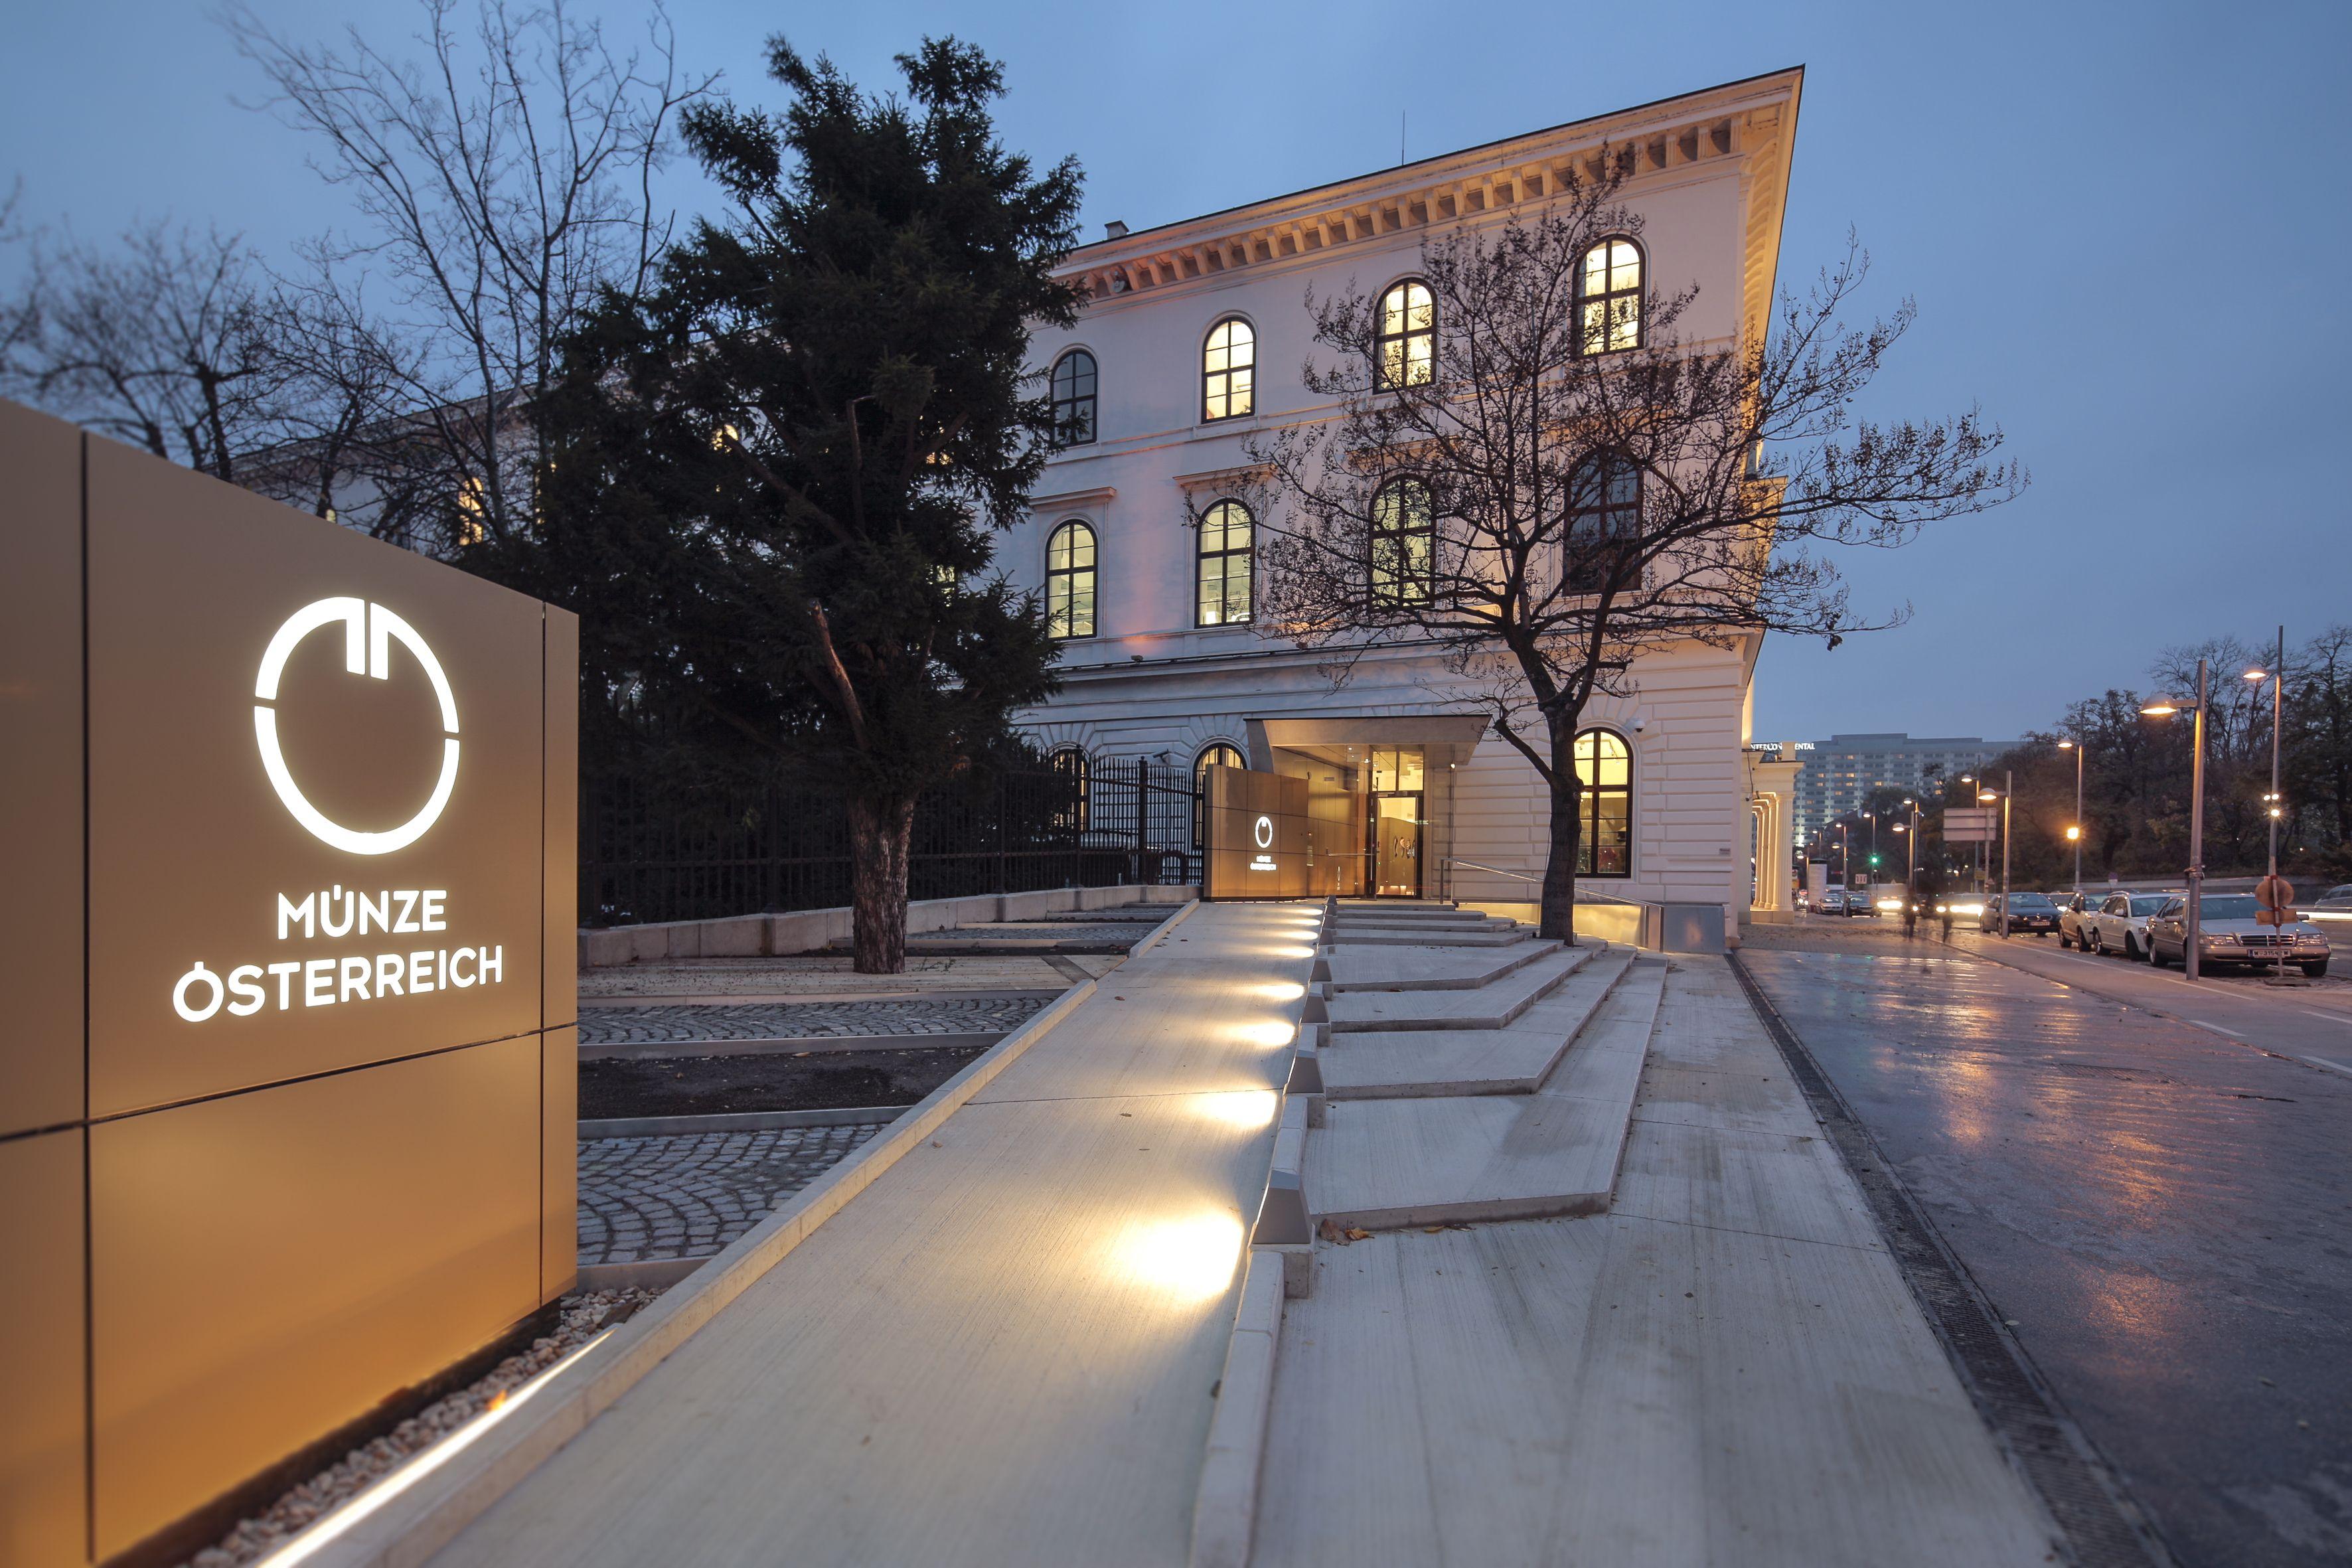 Der Münze österreich Shop In Wien Zum Kaufen Sammeln Anlegen Und